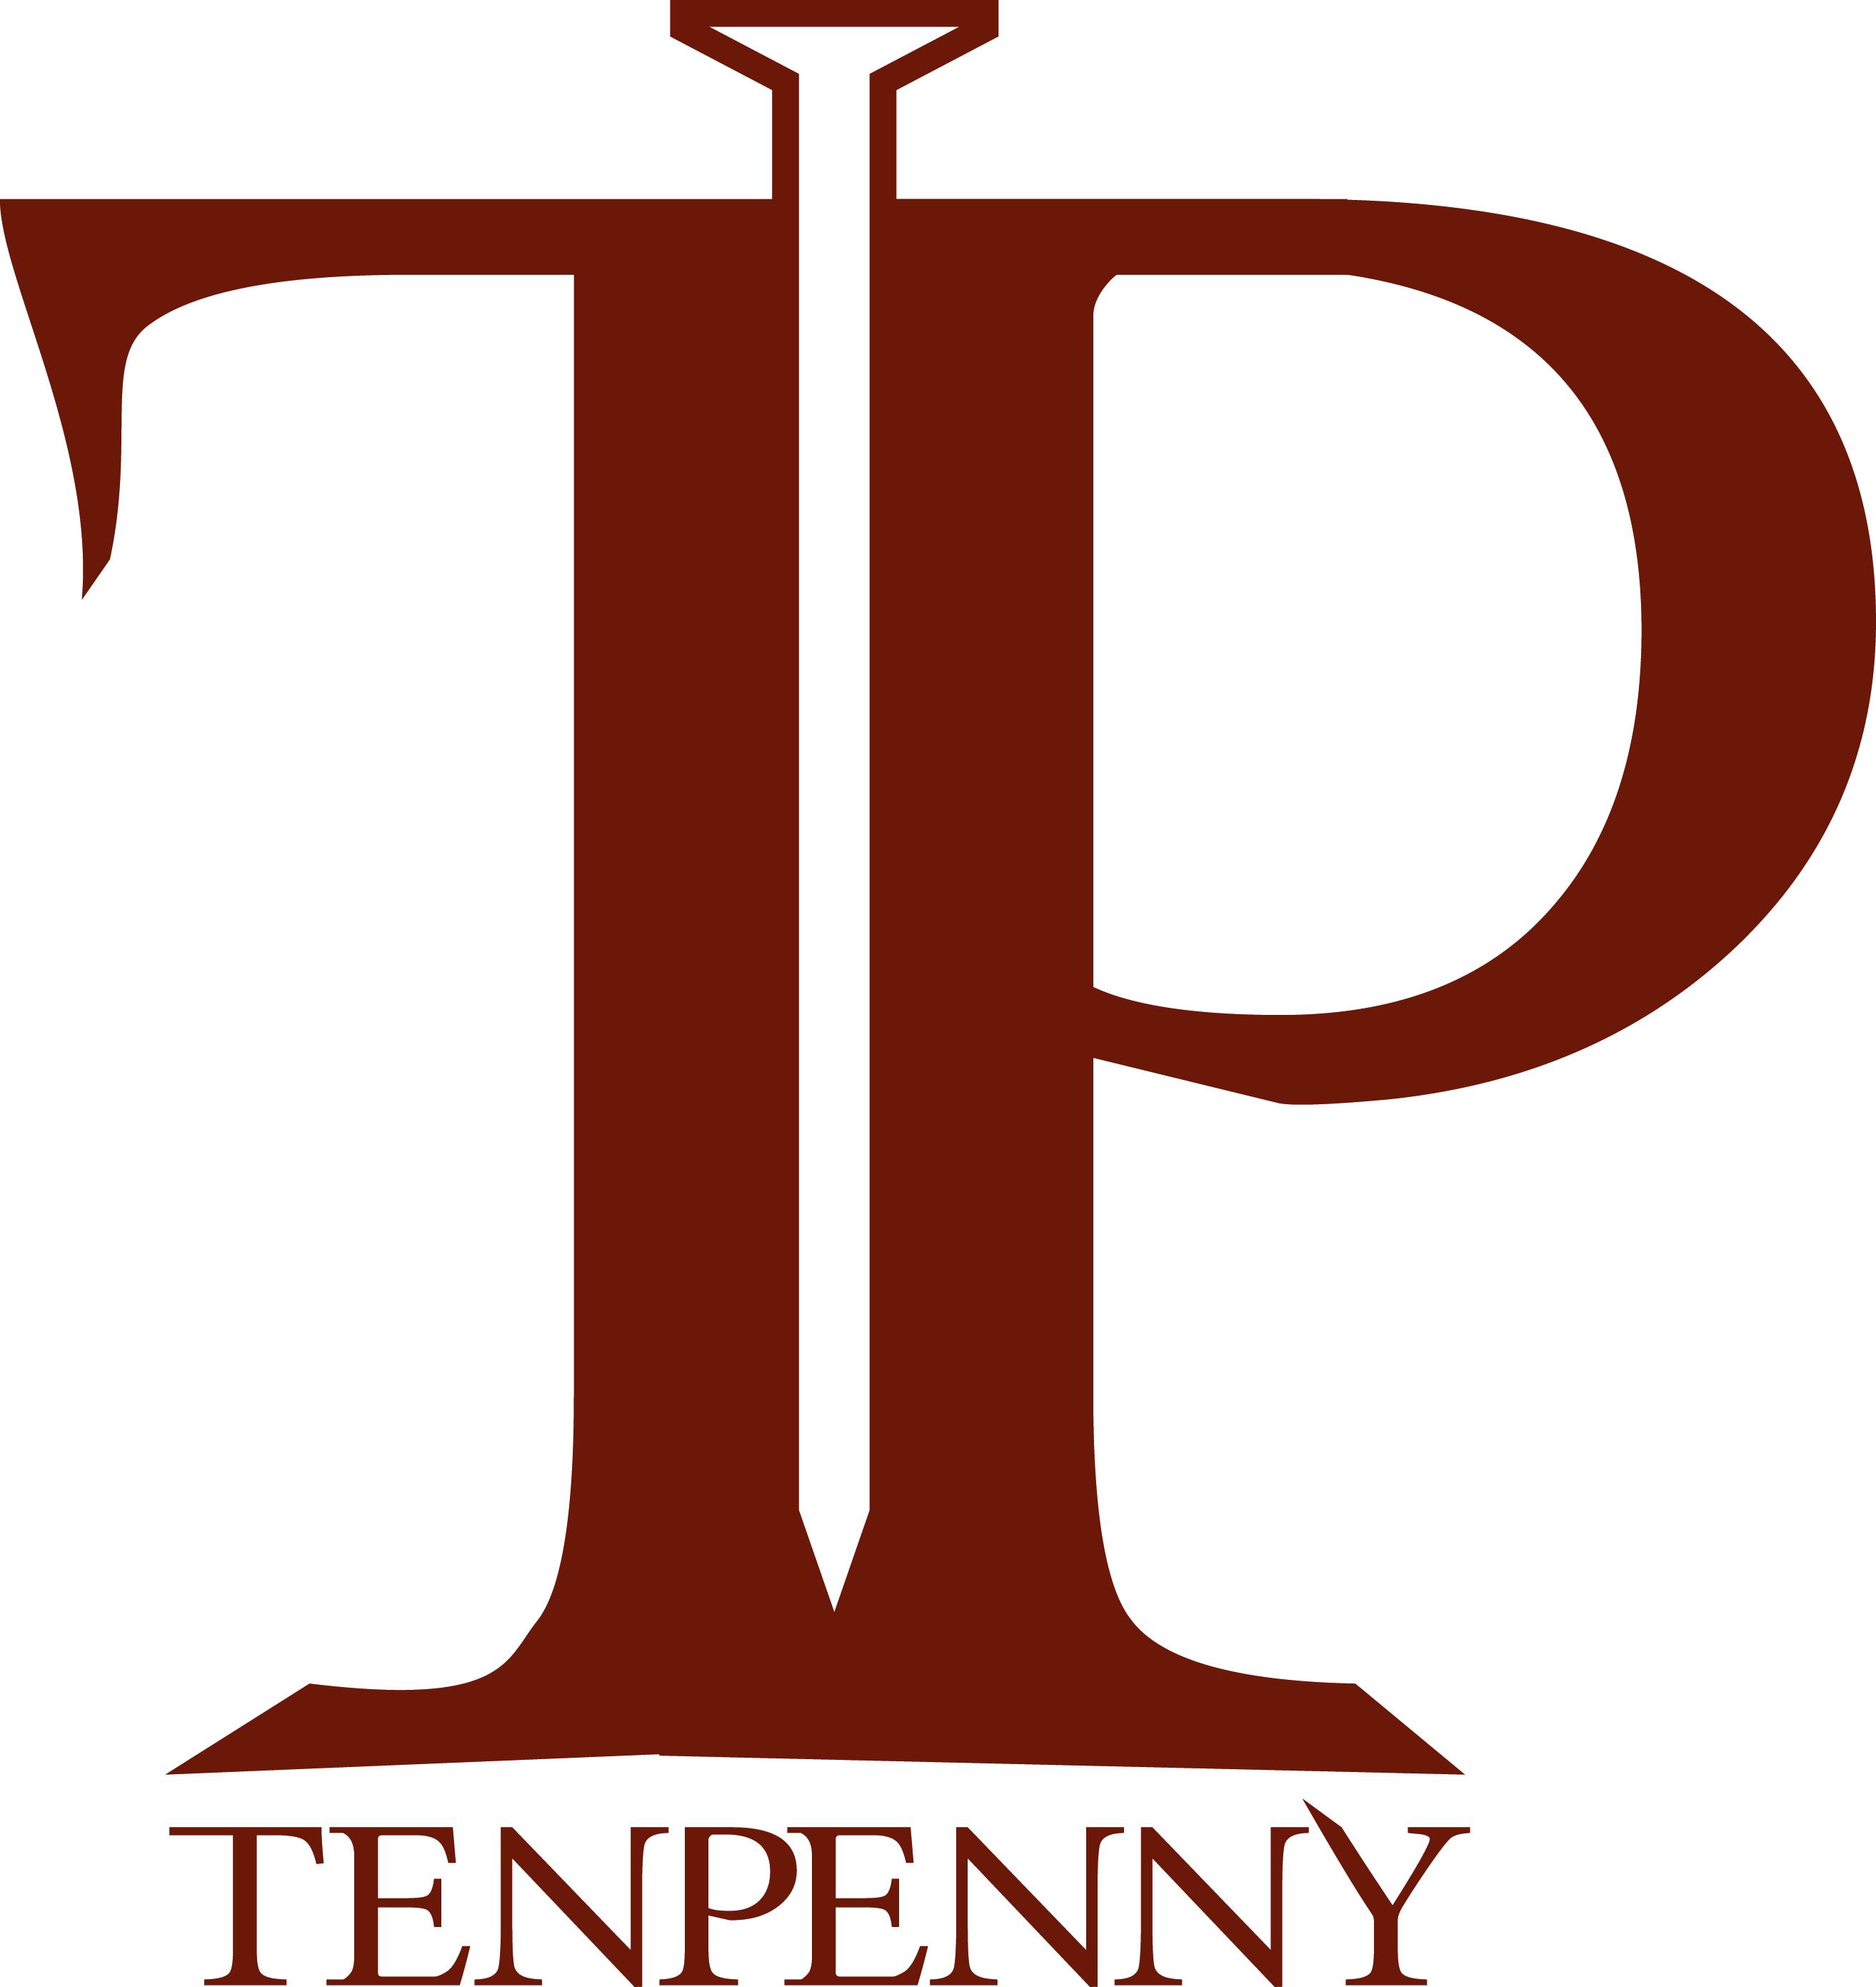 Tenpenny logo